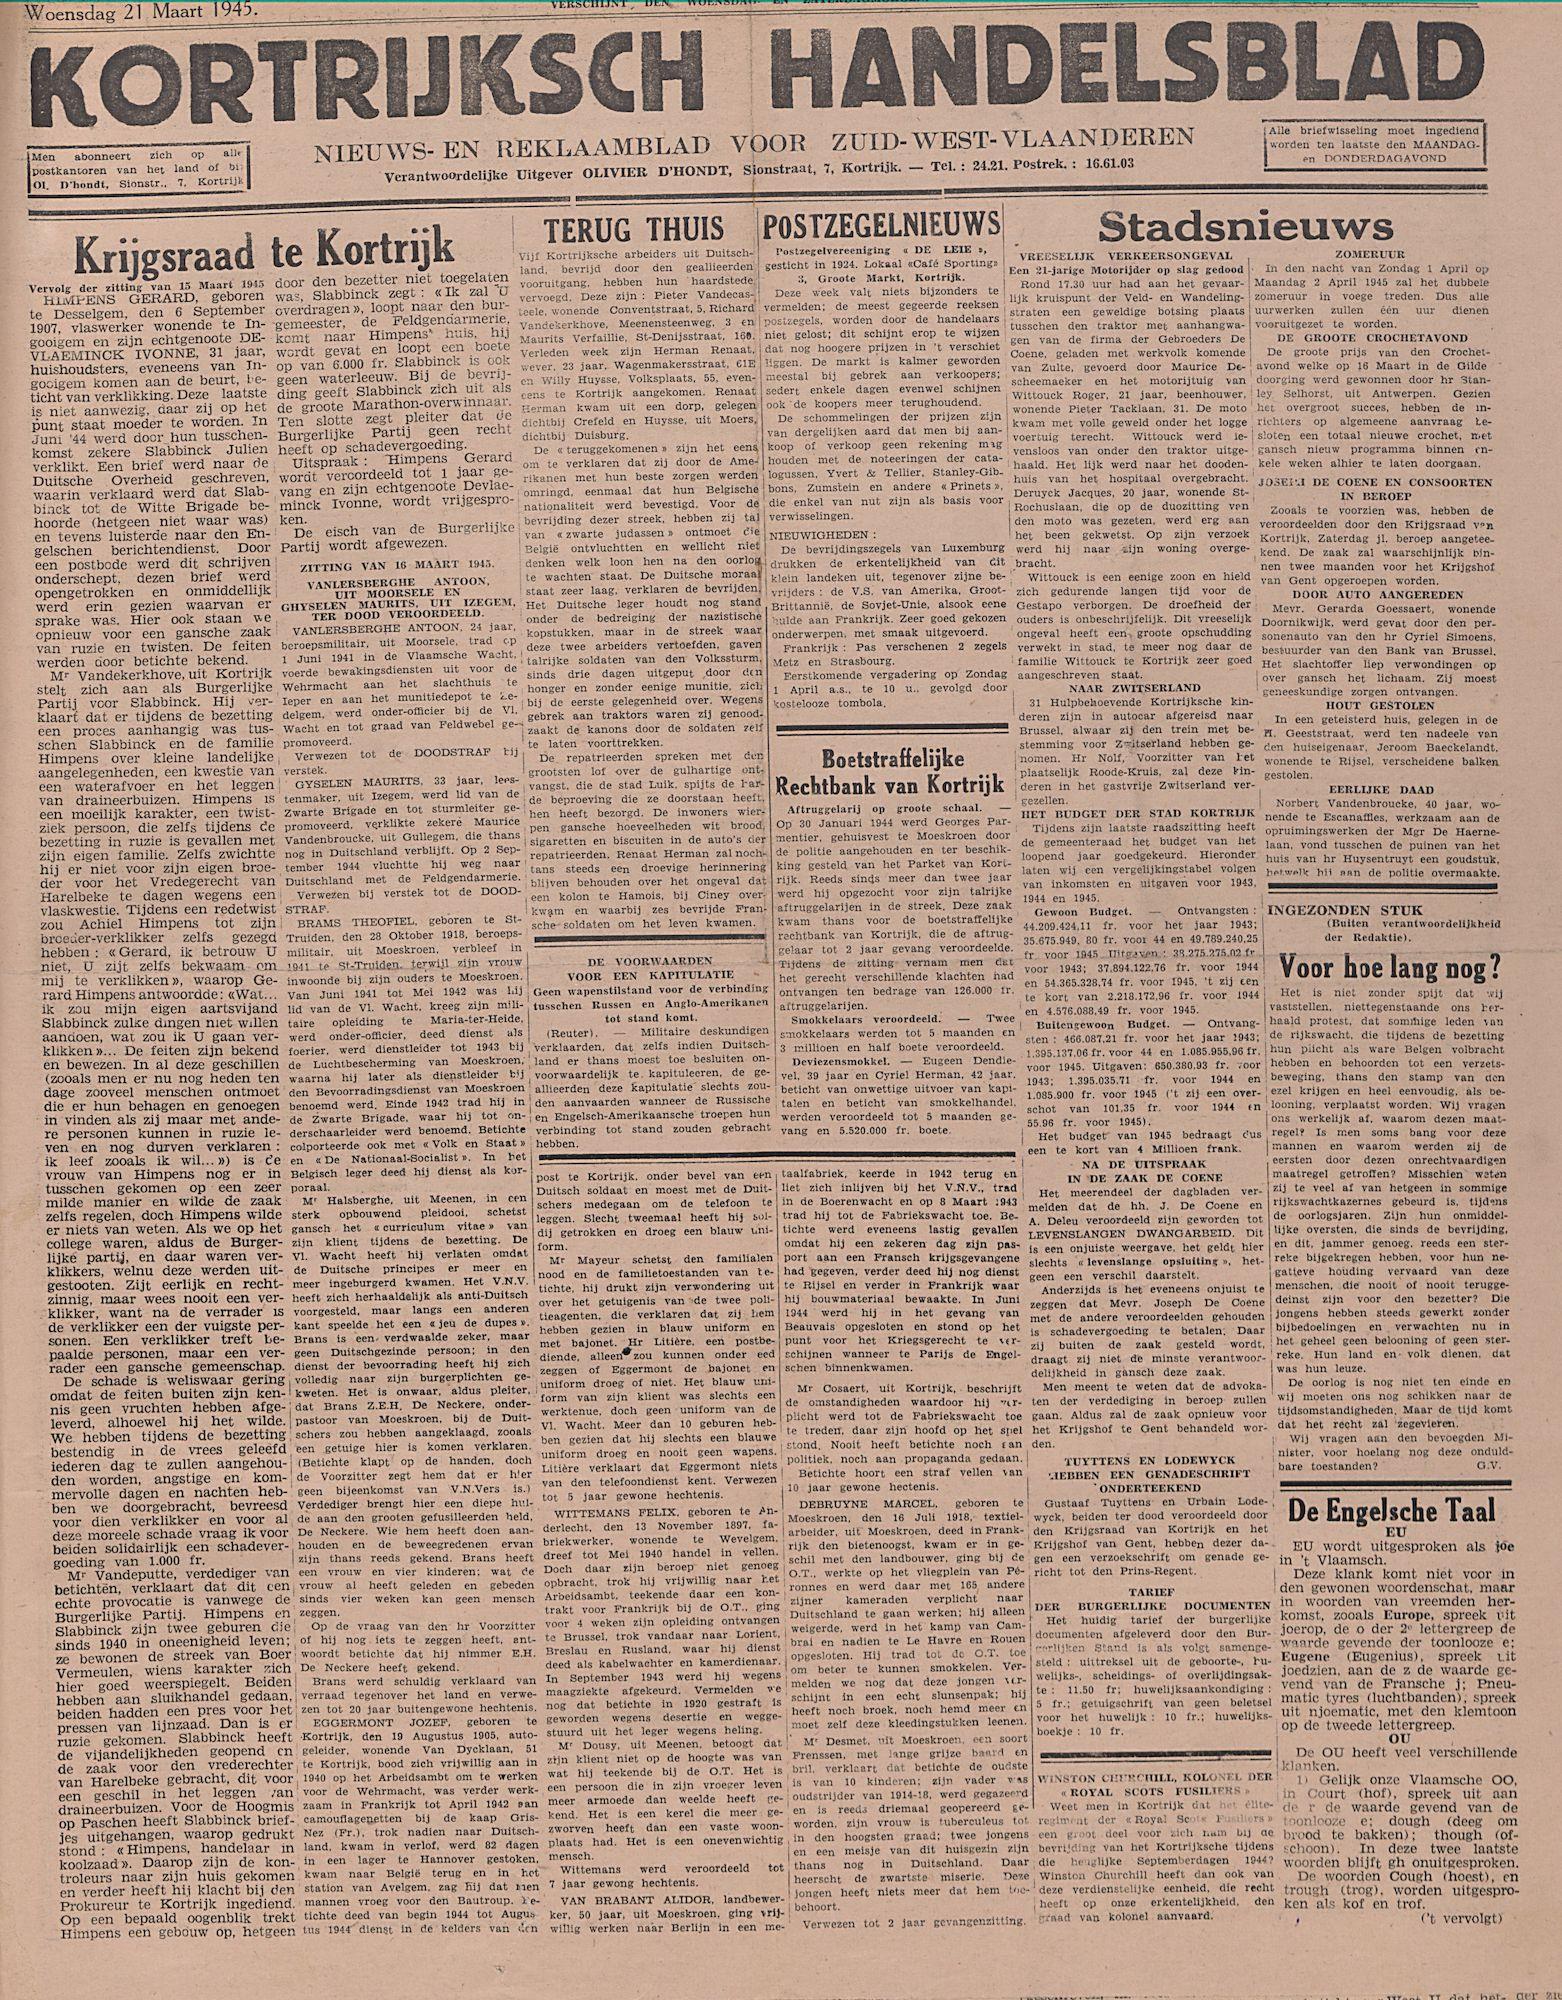 Kortrijksch Handelsblad 21 maart 1945 Nr23 p1